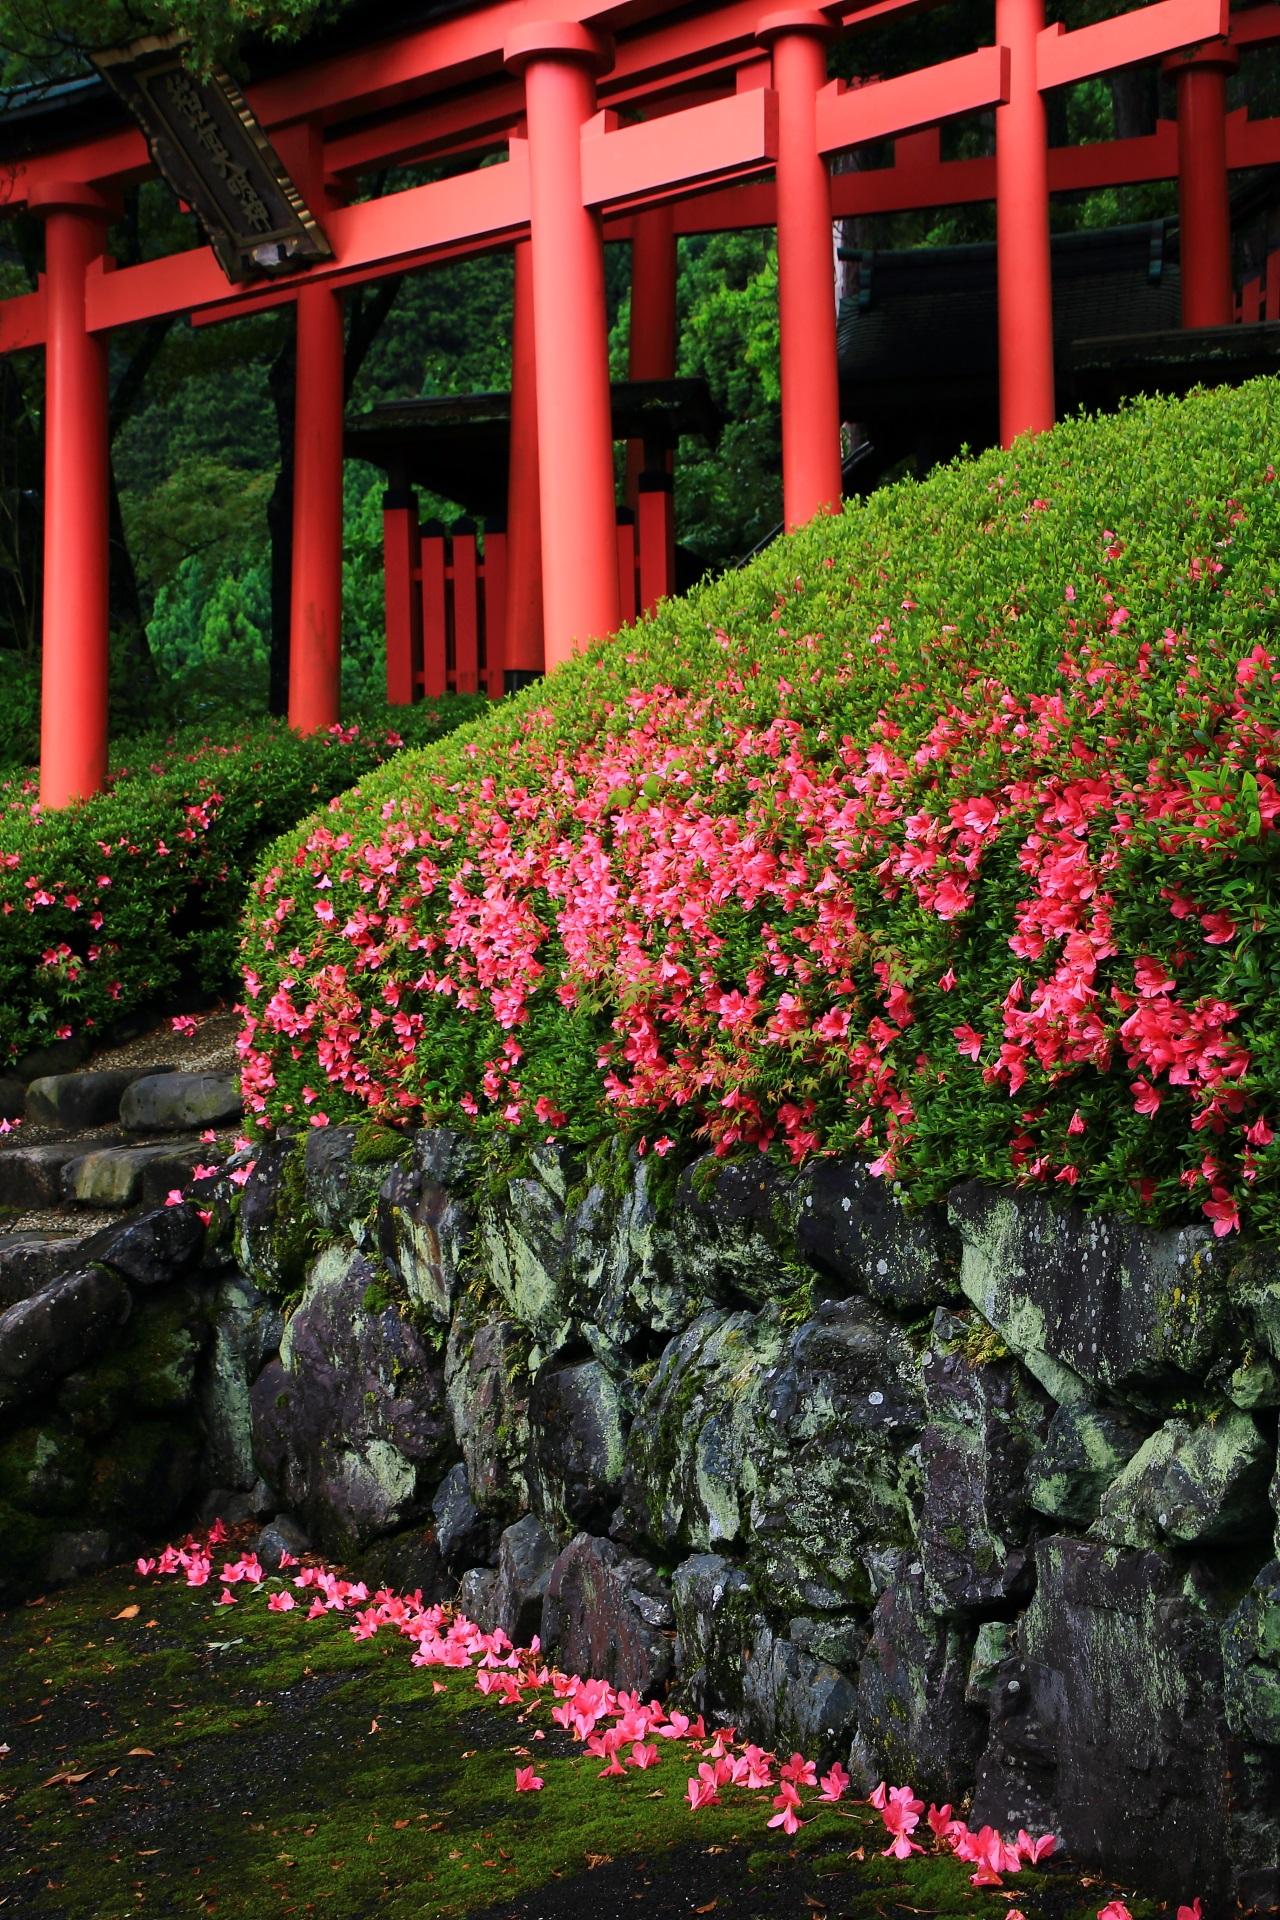 風情の中に華やかさもある絶品の散ったサツキの花